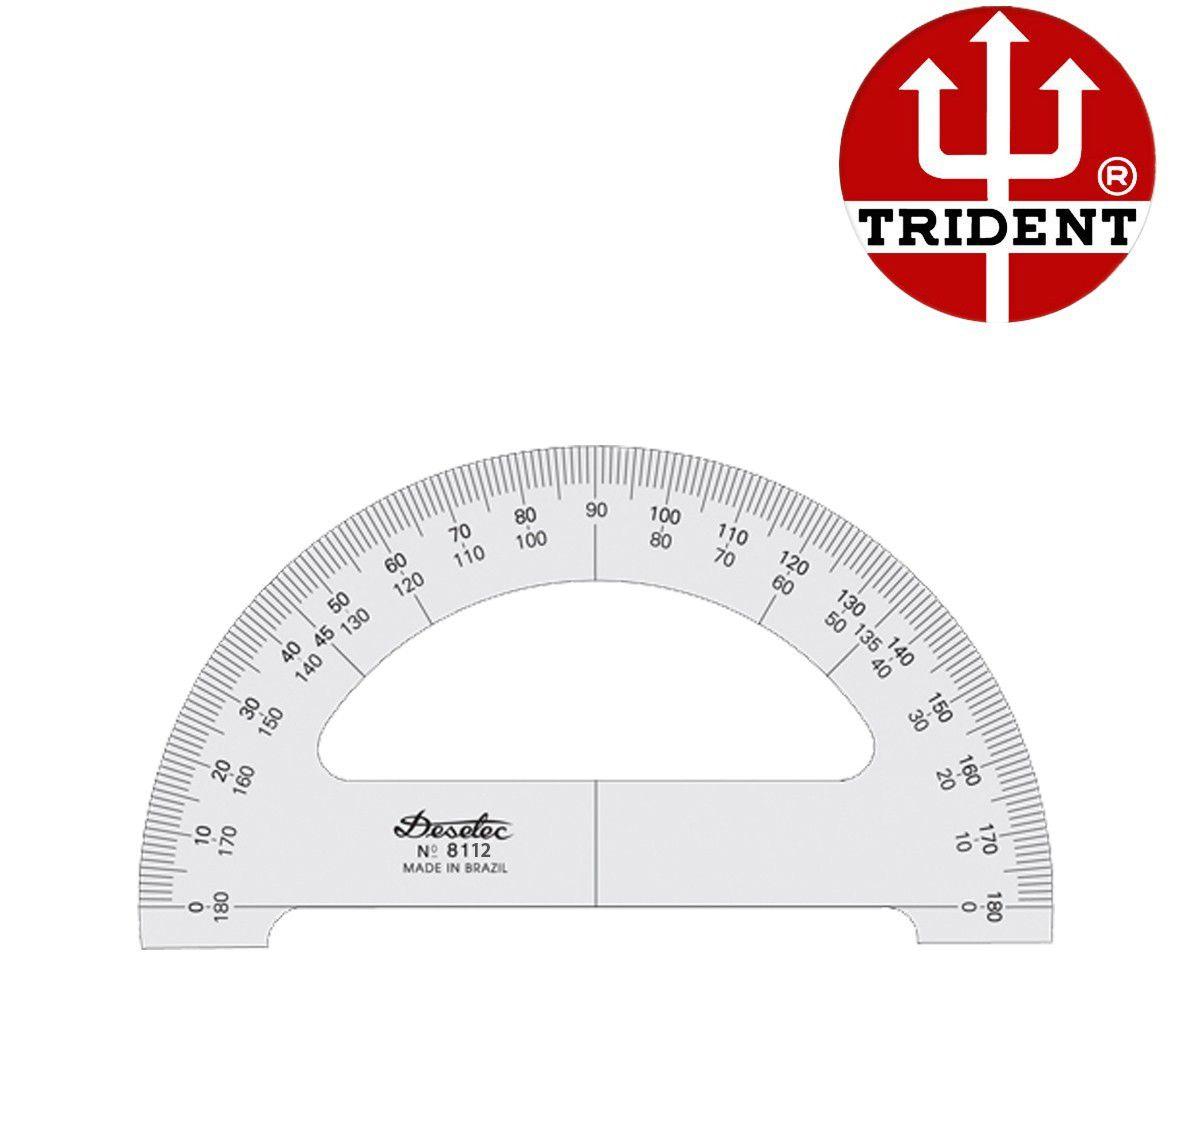 Transferidor de Acrílico Trident 180°/12 cm 8112